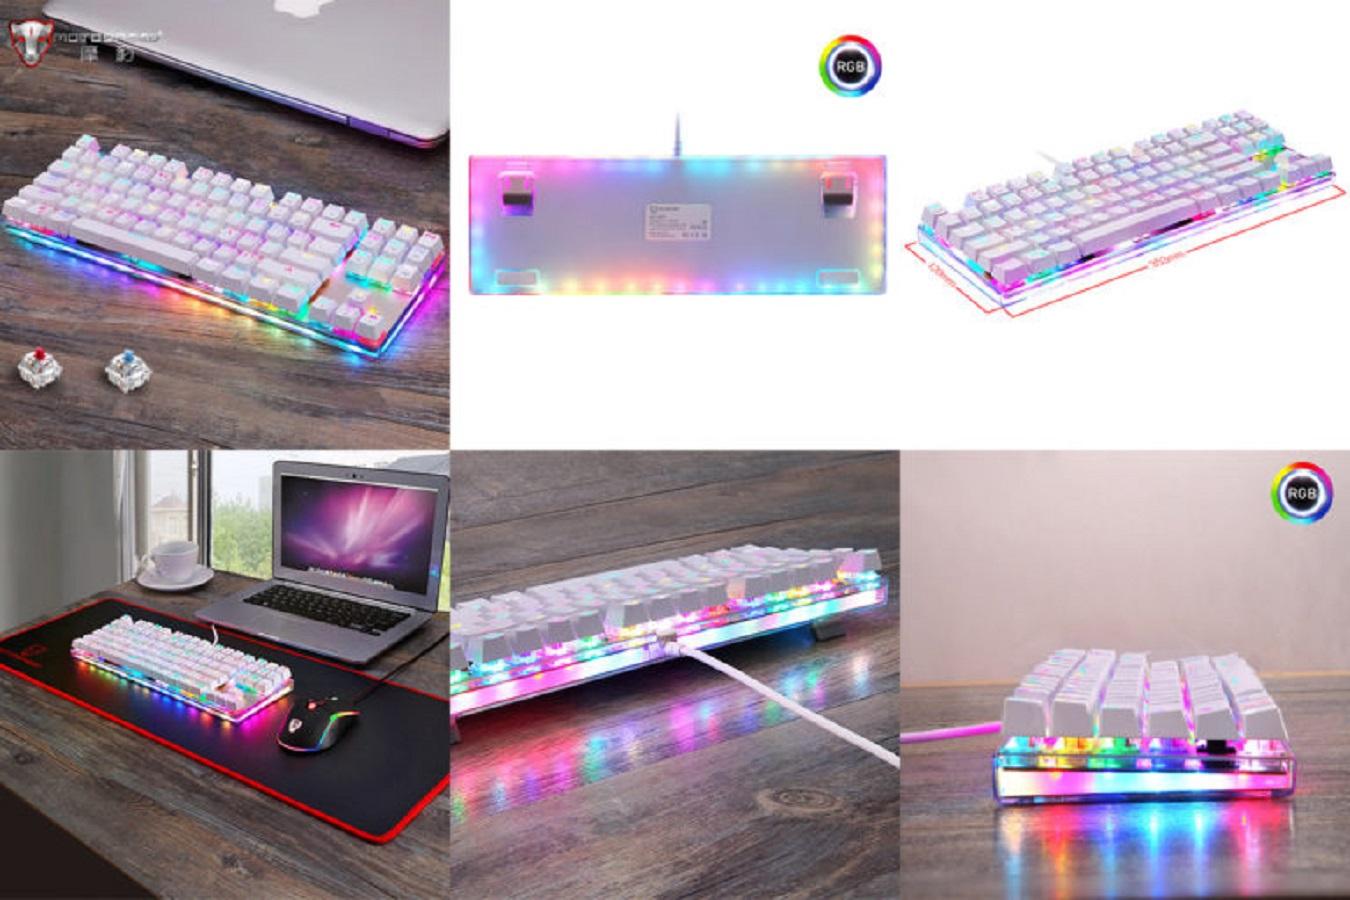 Качественная игровая клавиатура небольшого размера